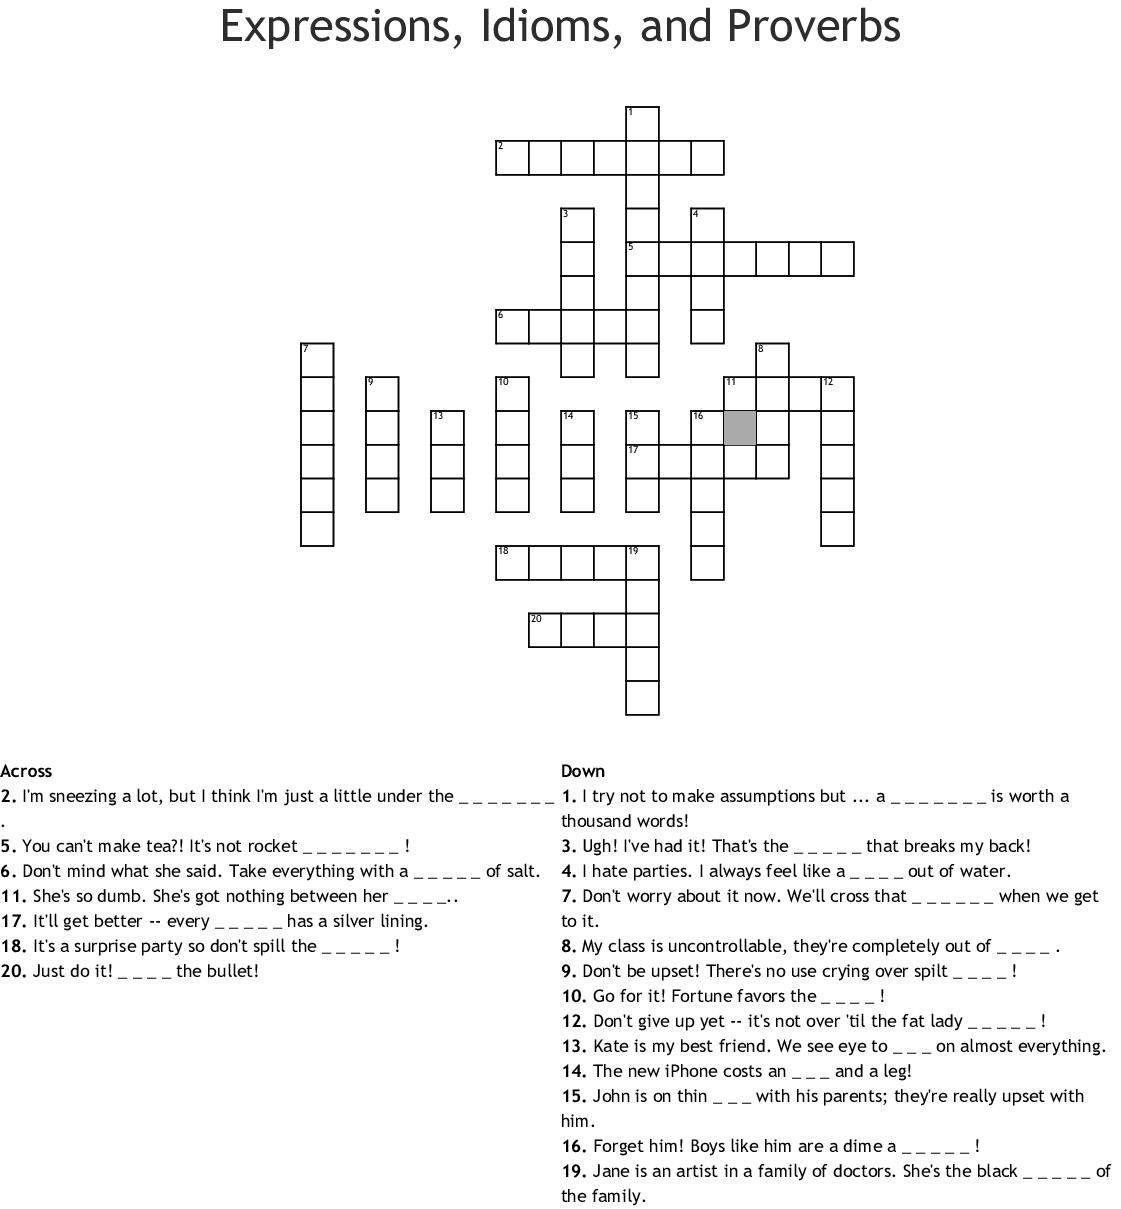 Personal Hygiene Crossword